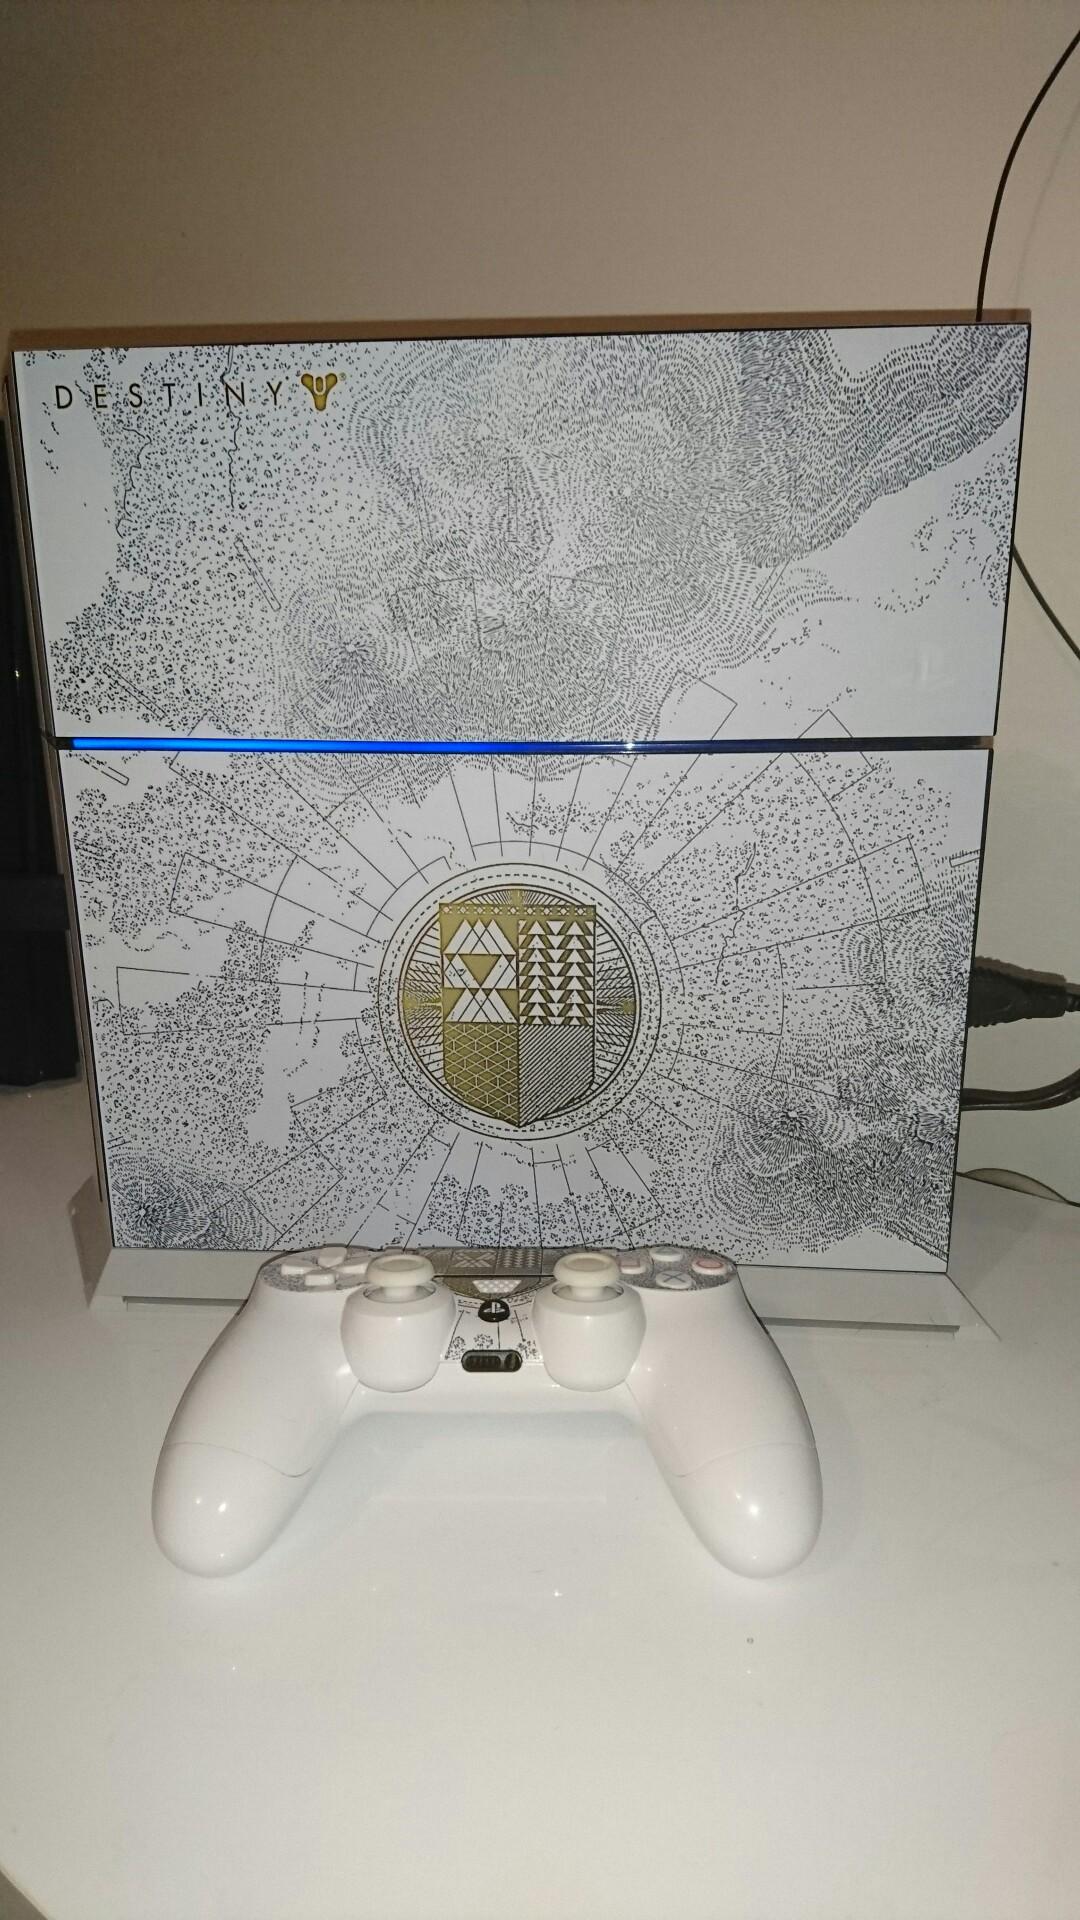 PS4のコントローラーの設定できてる?○と×が逆なら…と思ったらのサムネイル画像